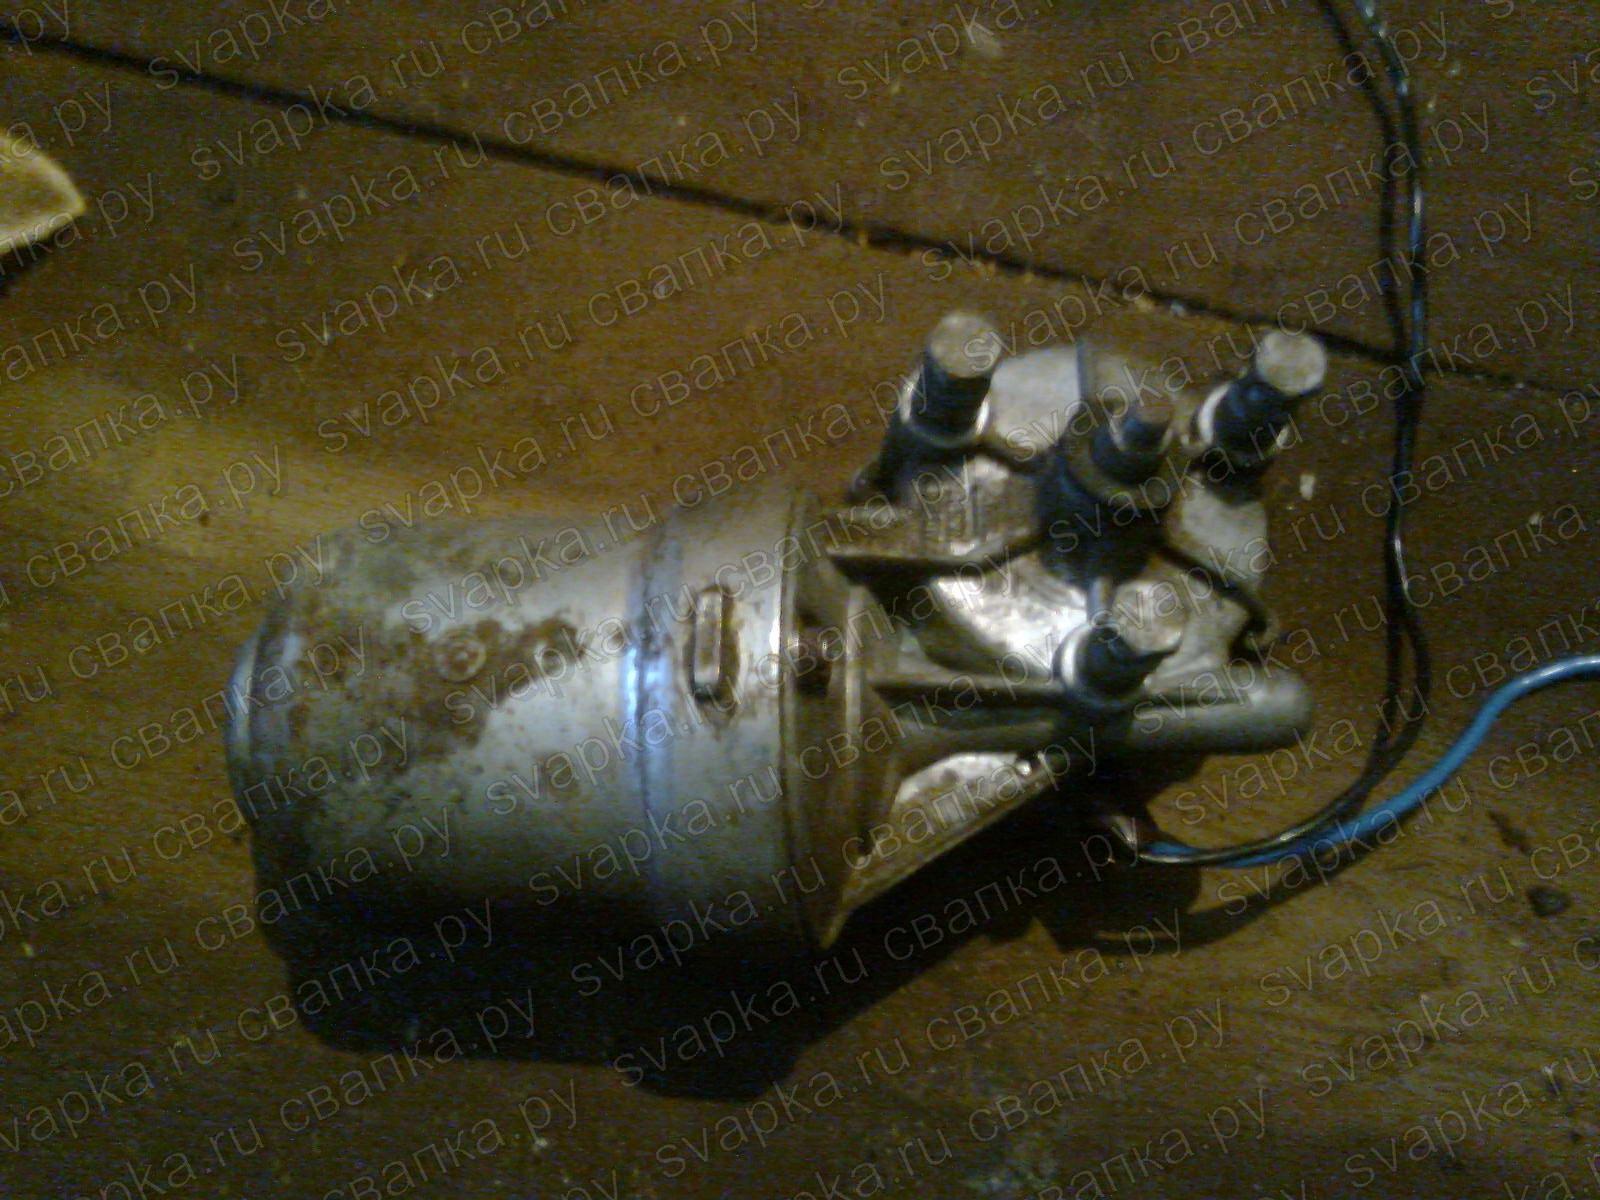 схема регулятора оборотов двигателя дворника ваз 06